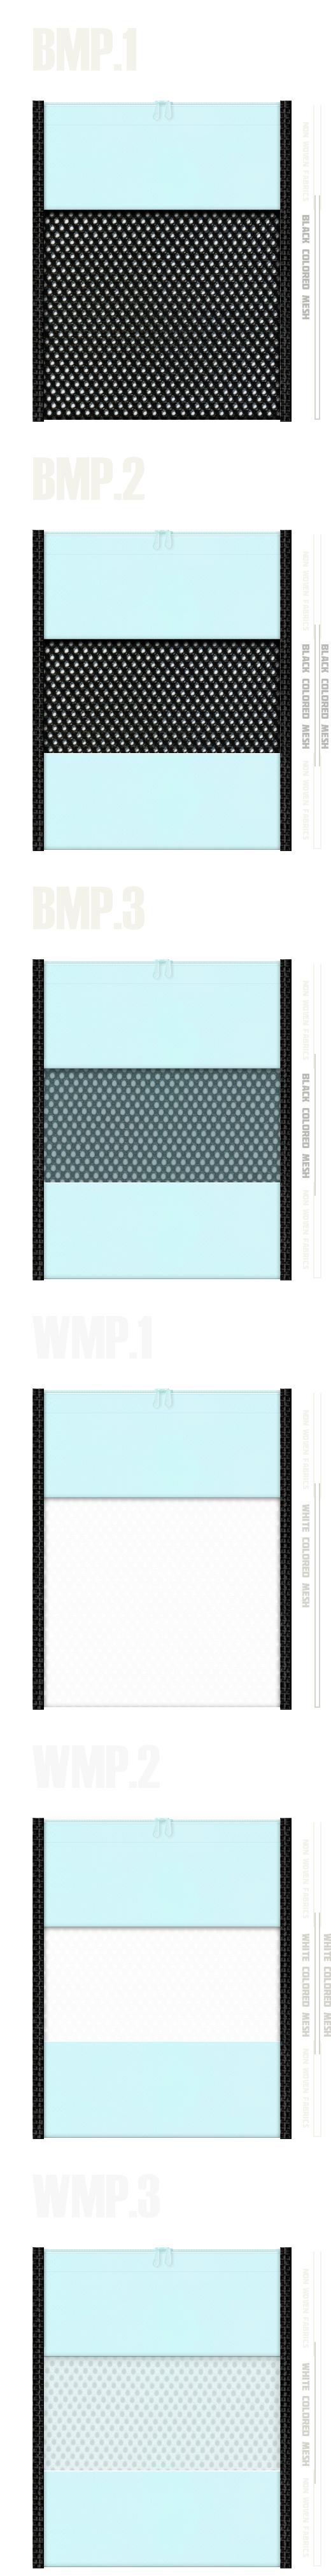 メッシュポーチのカラーシミュレーション:黒色・白色メッシュと水色不織布の組み合わせ